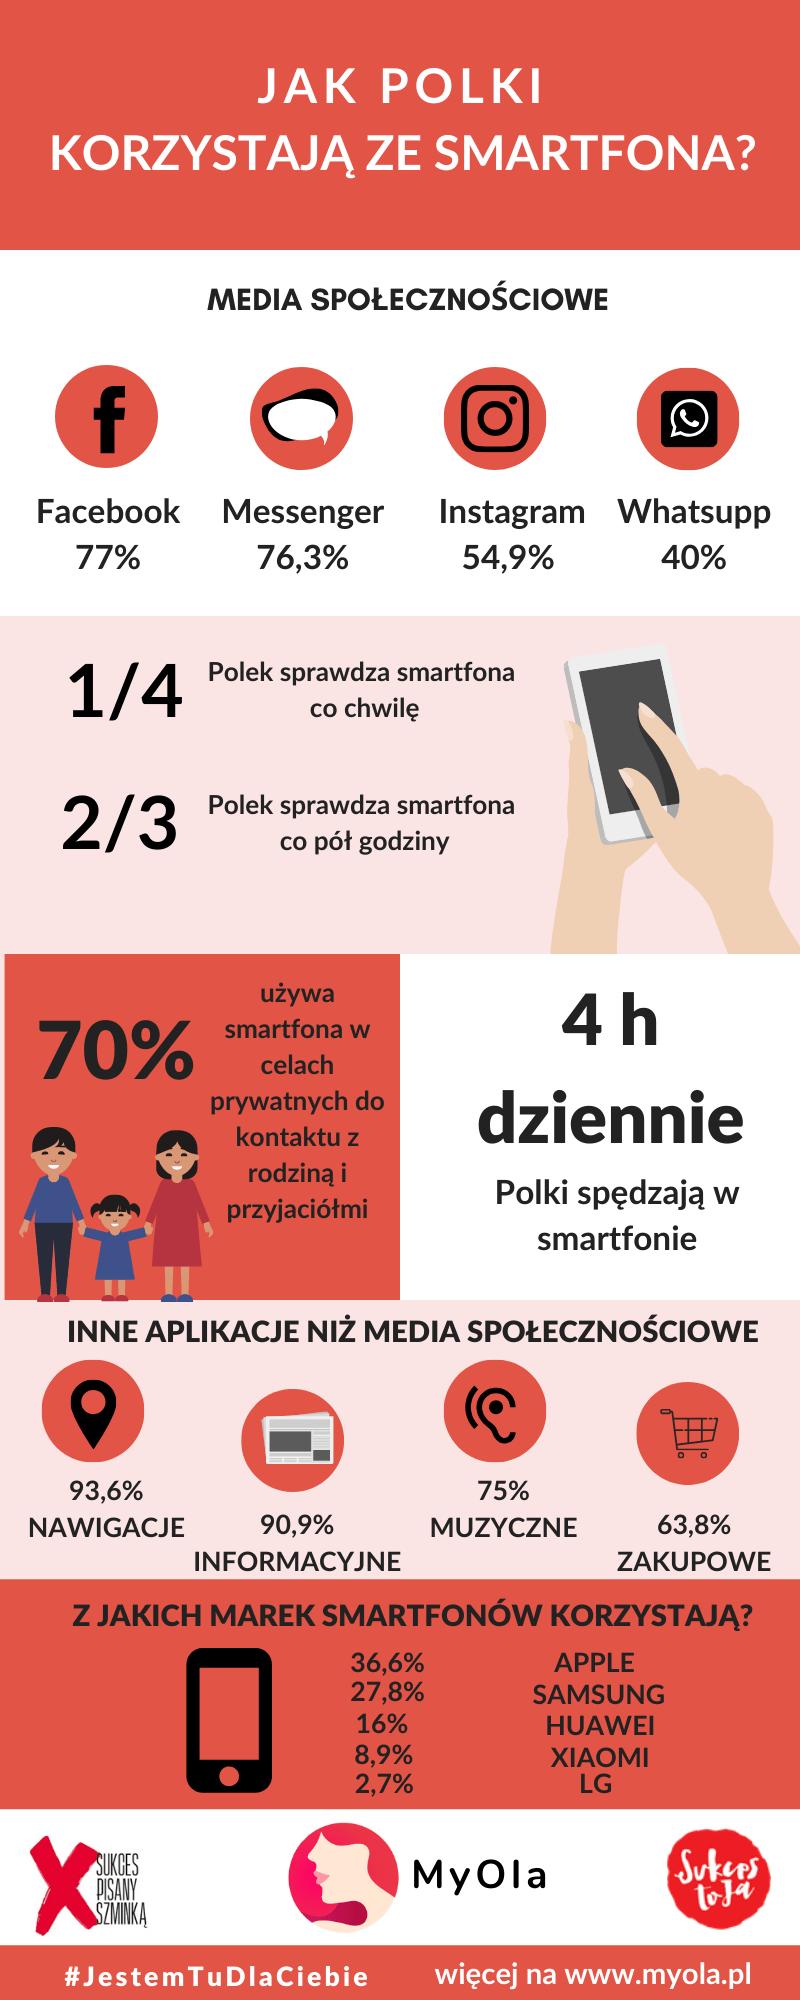 Jak Polki korzystają ze smartfona?